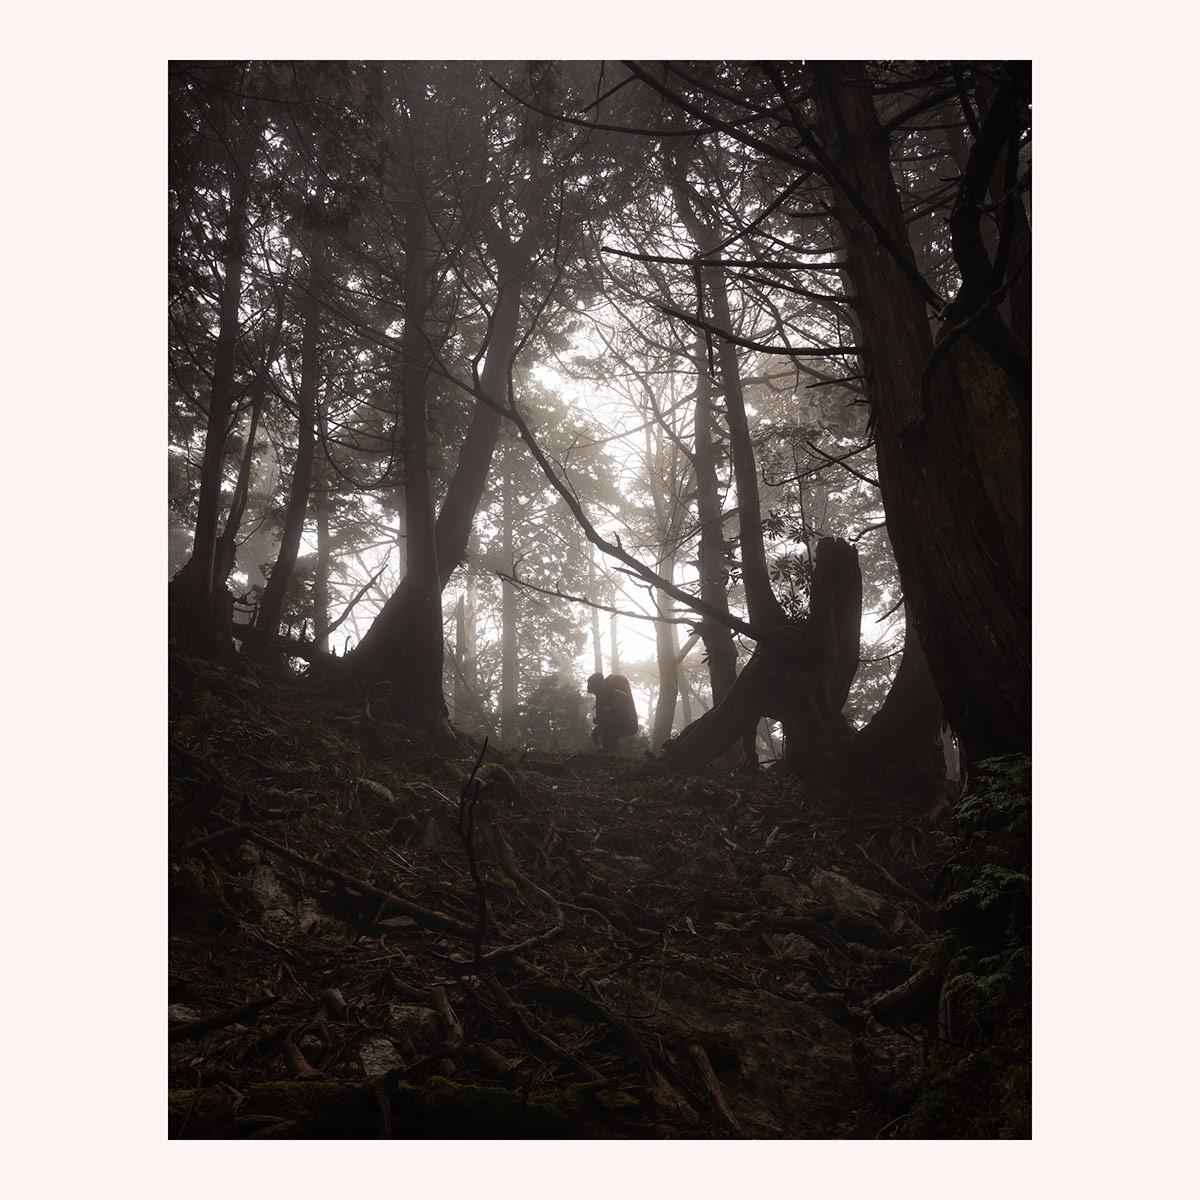 Fog, mist, hiker